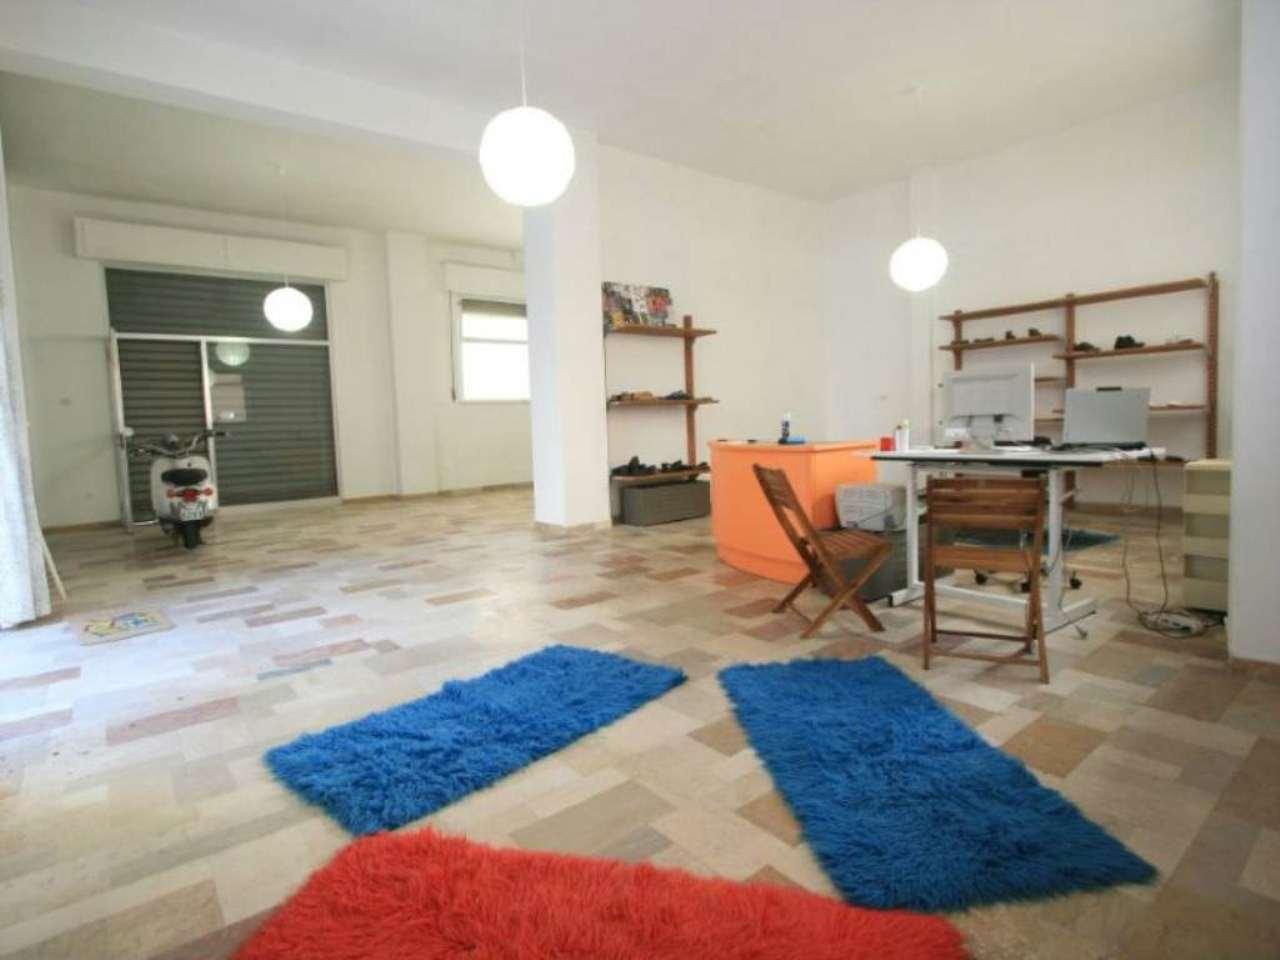 Ufficio / Studio in vendita a Civitanova Marche, 3 locali, prezzo € 180.000   CambioCasa.it